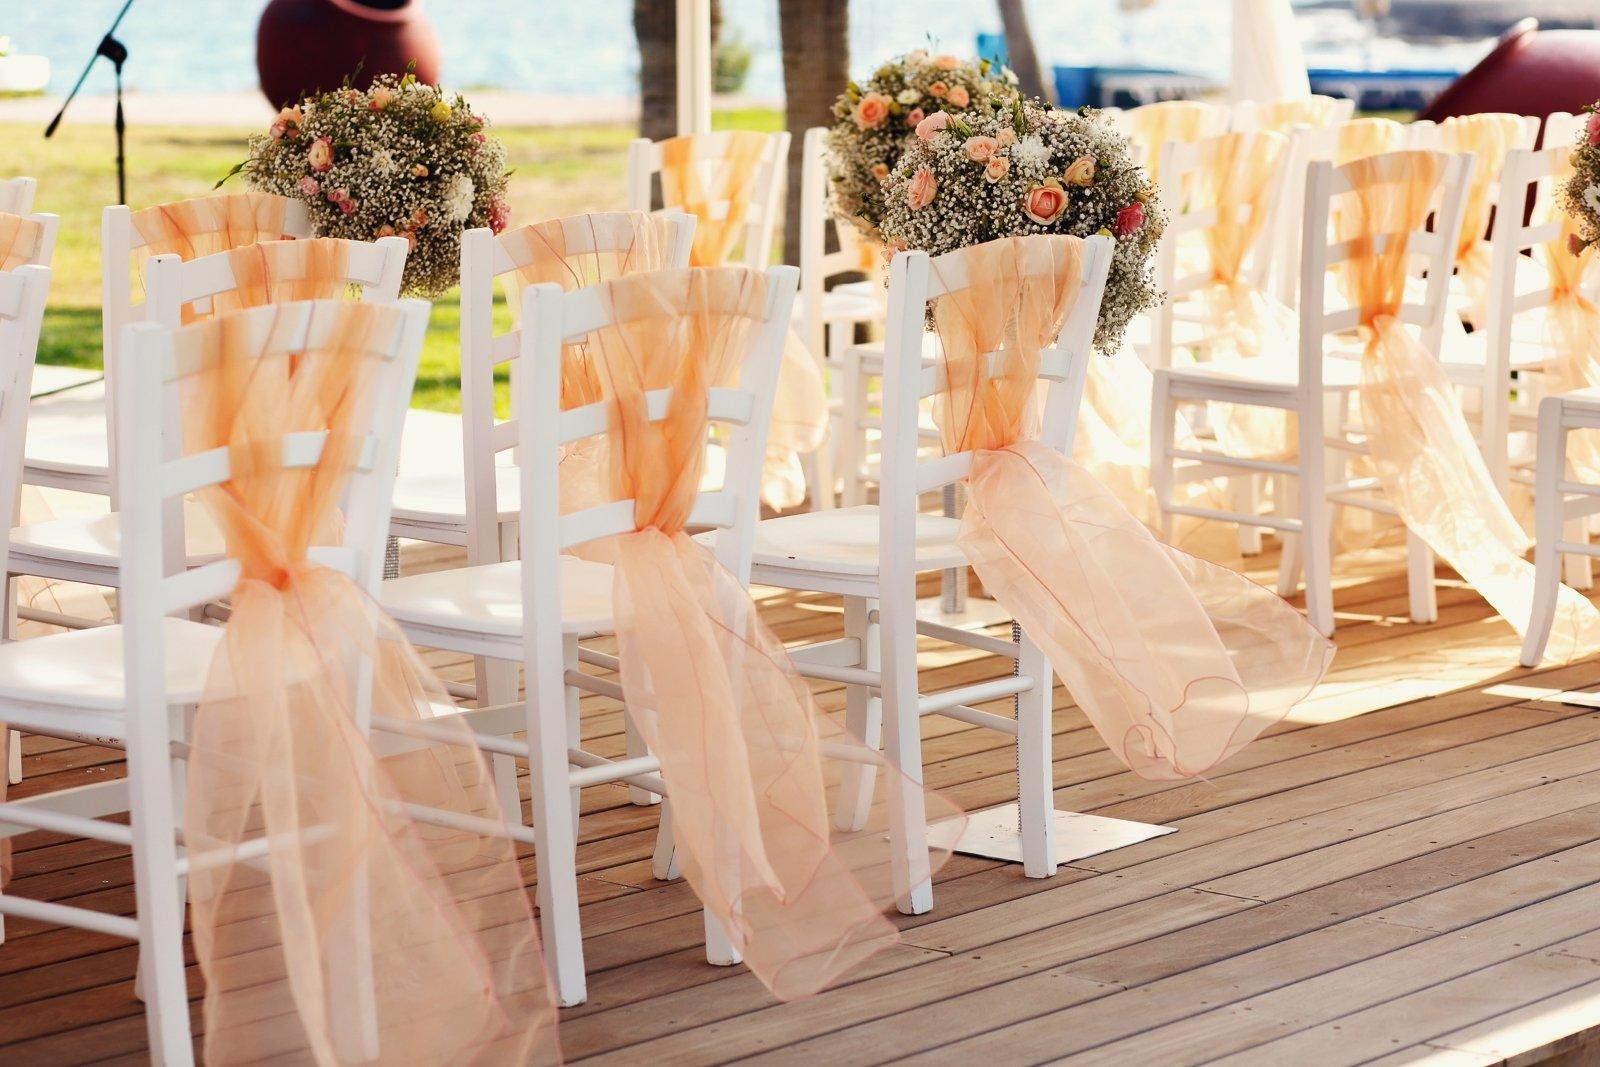 Sedie bianche, legami di tulli arancione, composizioni floreali in bianco e arancio